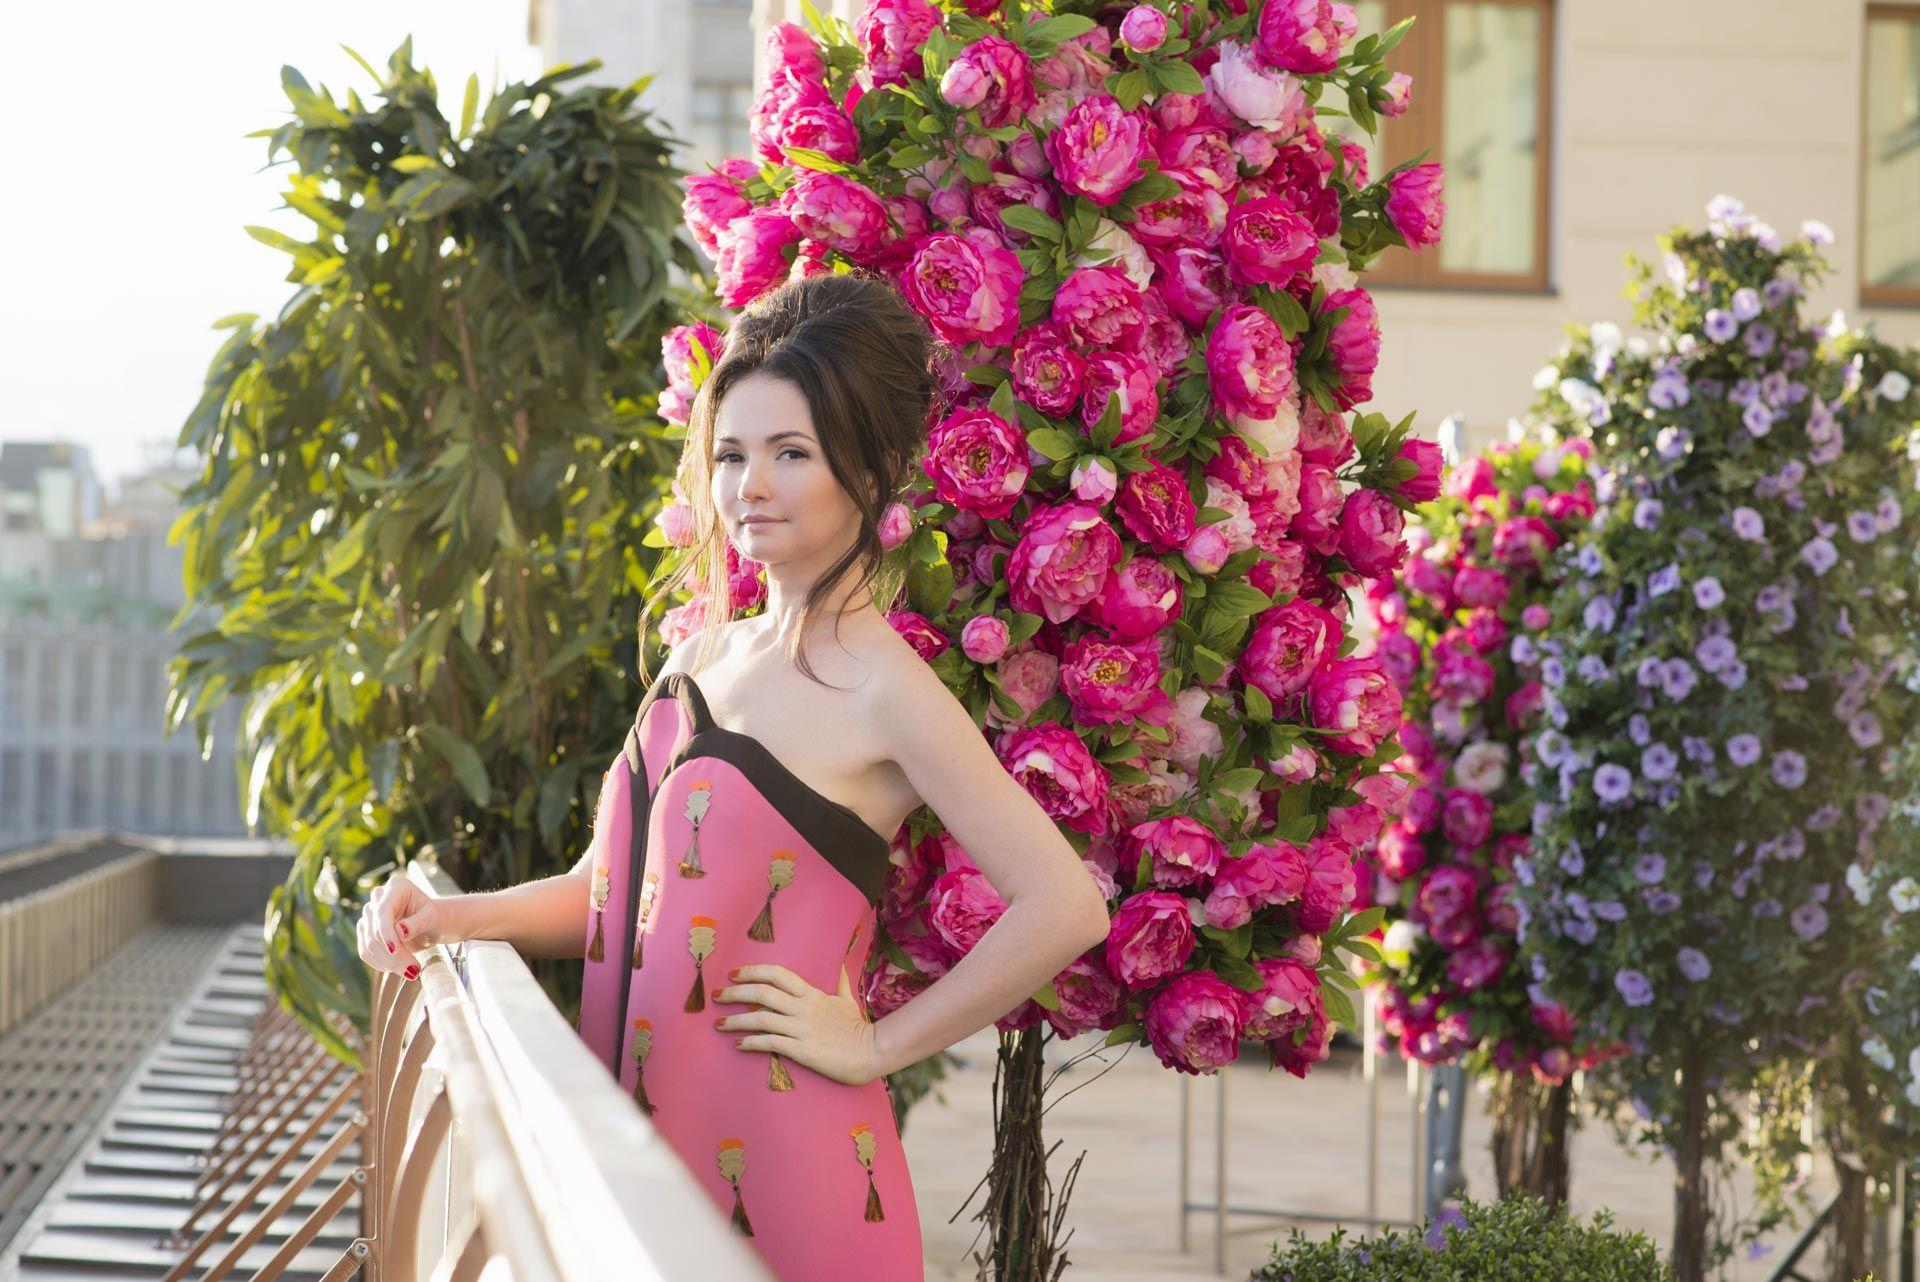 Студия декора Юлии Шакировой, цветочная свадьба, фото 11